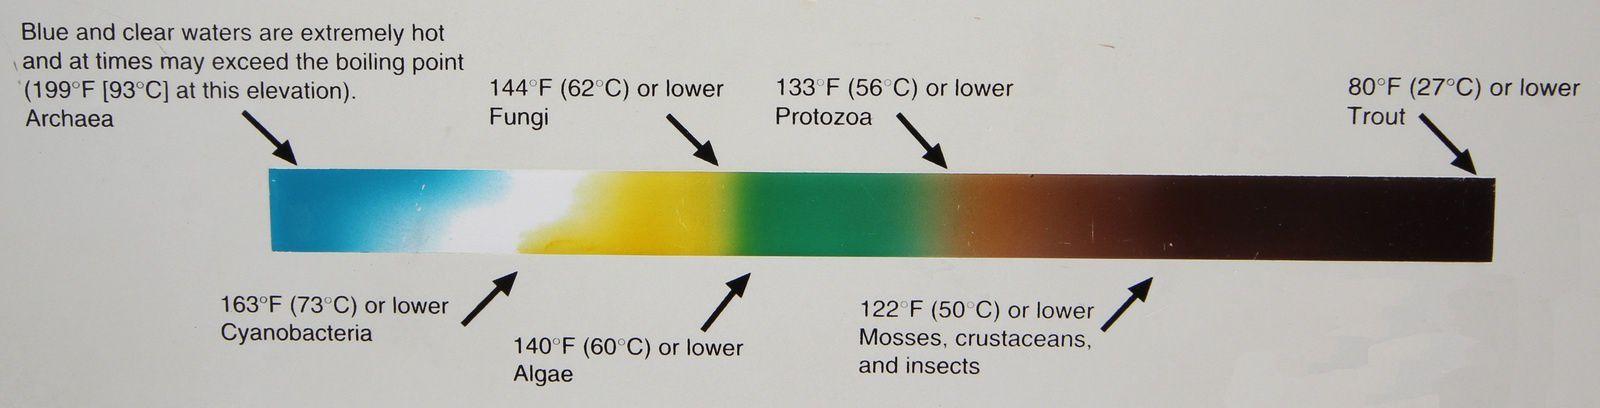 Correspondances couleurs-températures de l'eau